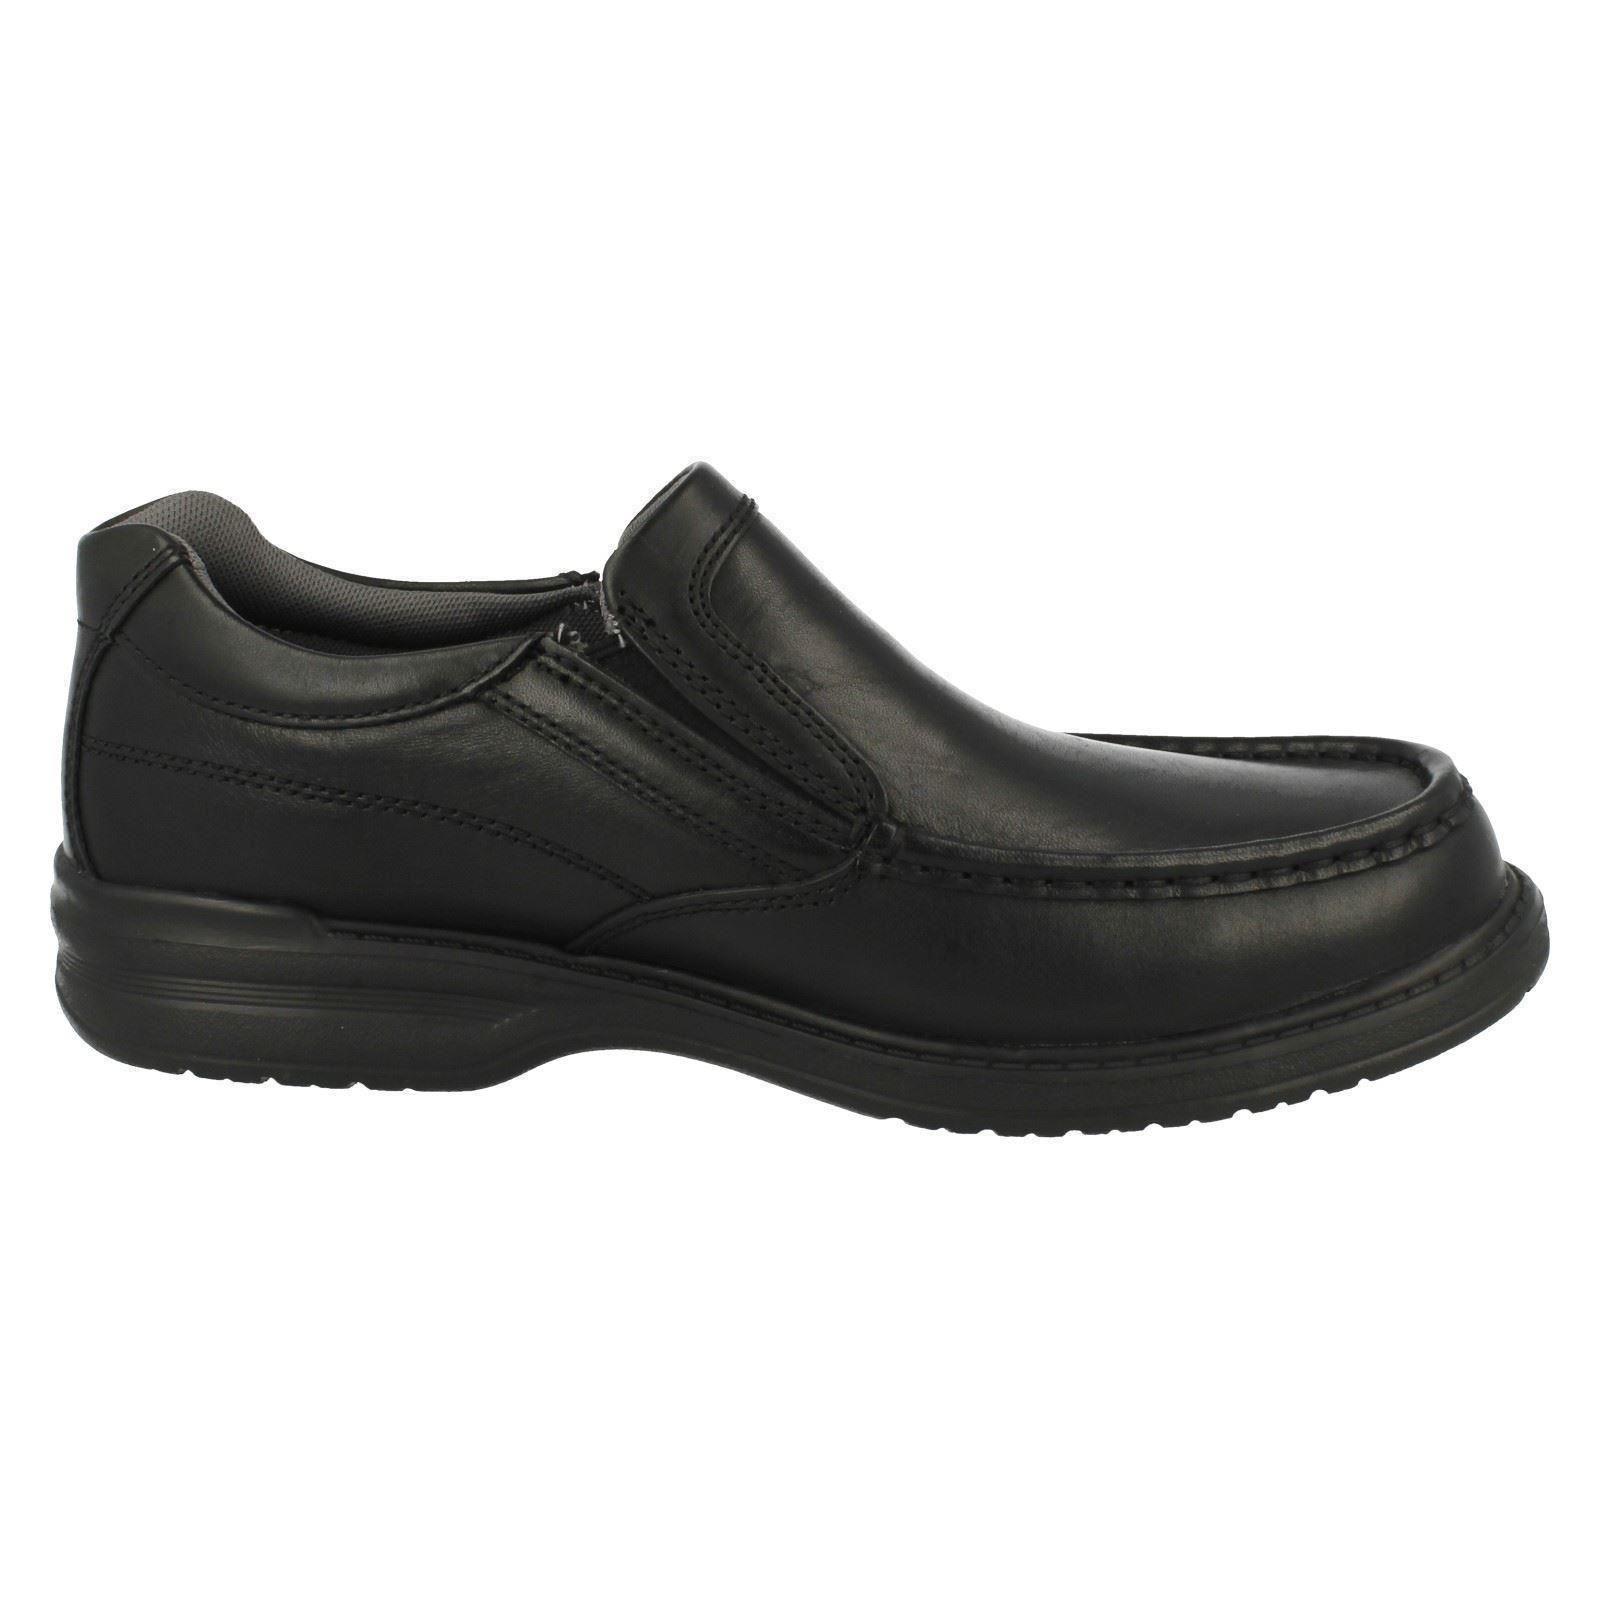 Mens Clarks Keeler Step Slip On Shoes